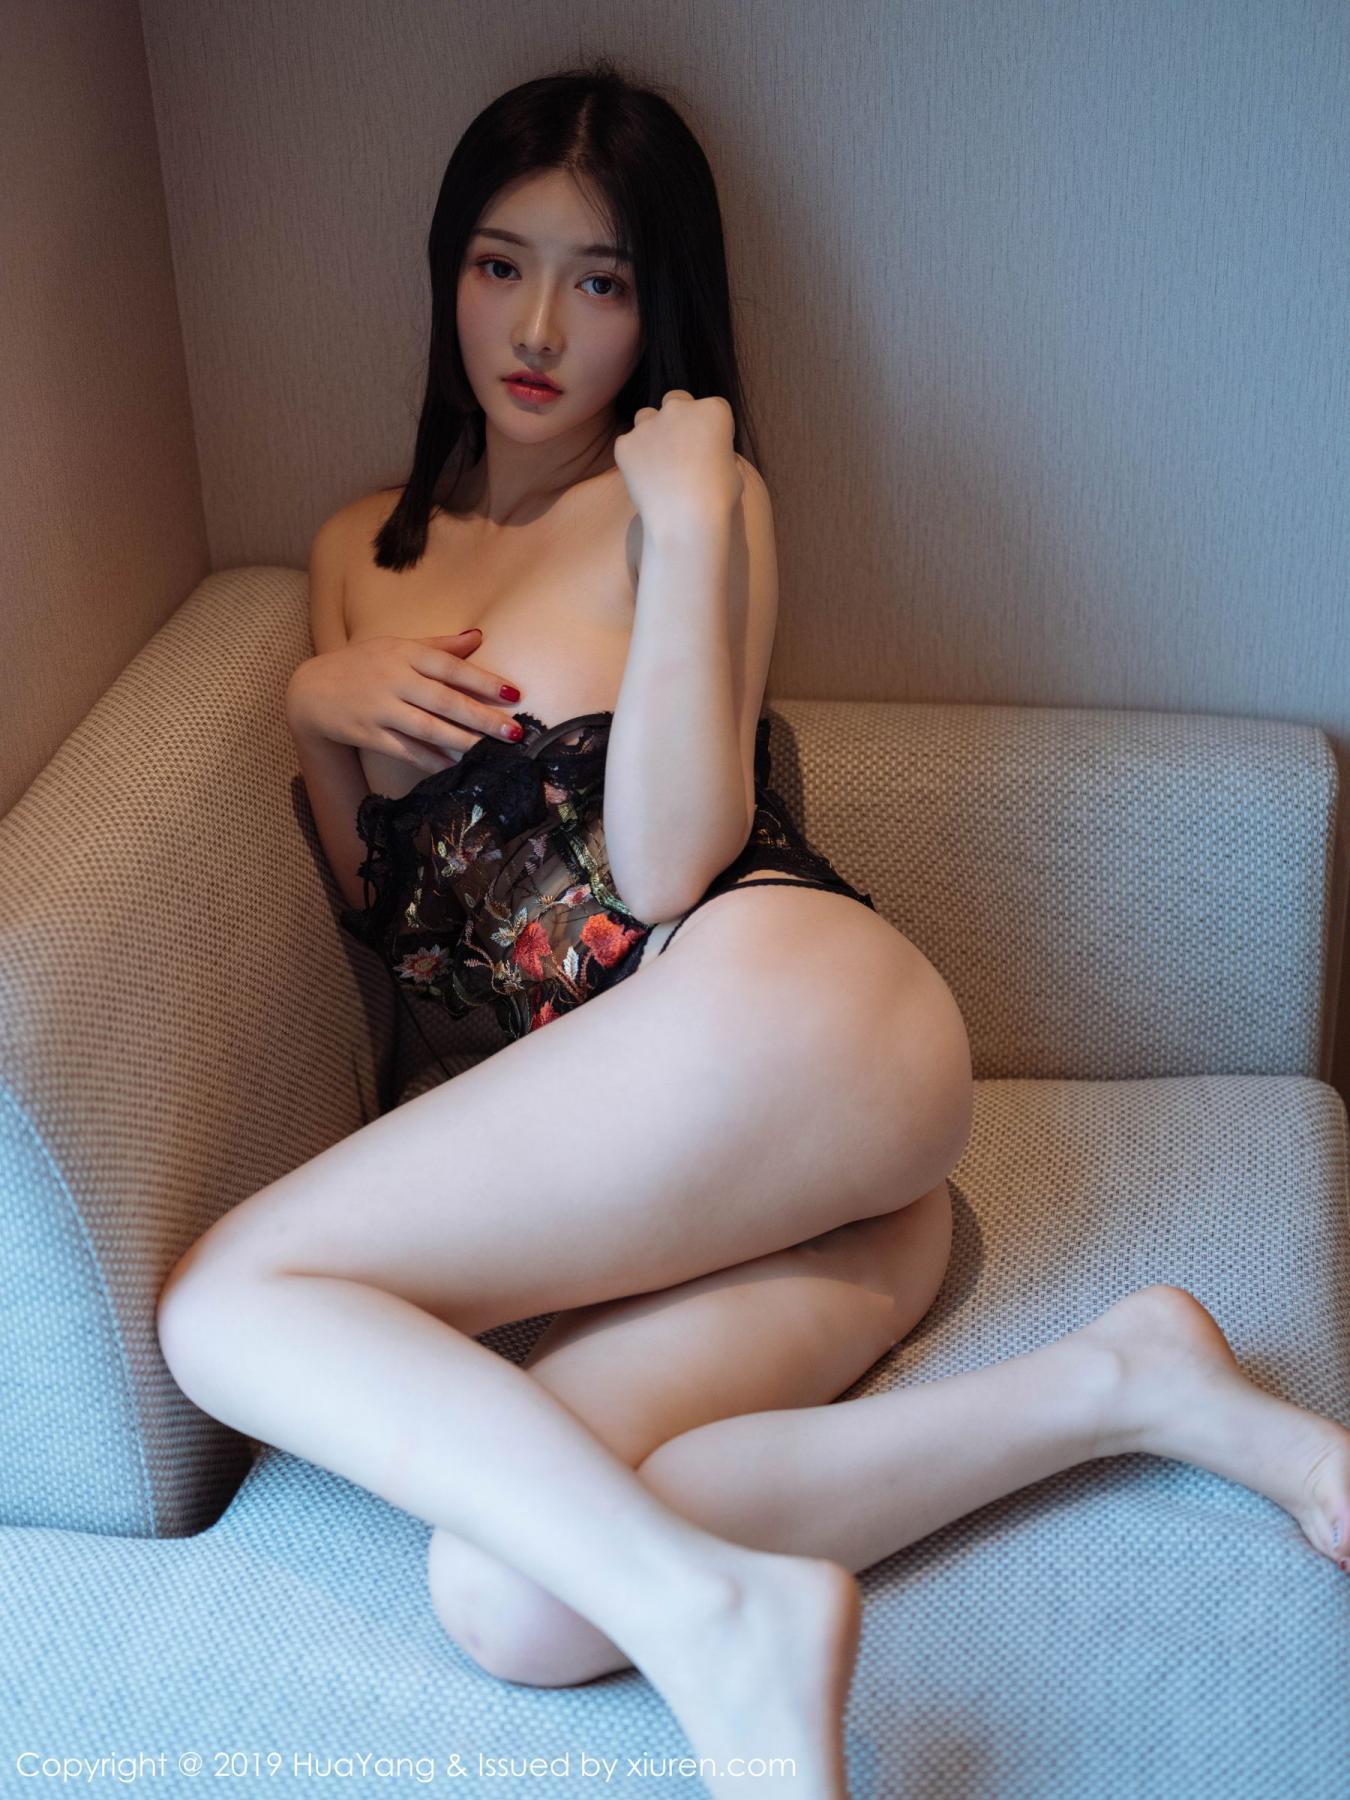 [Huayang] Vol.117 Tang Wan Er 17P, Adult, Black Silk, HuaYang, Sexy, Tang Wan Er